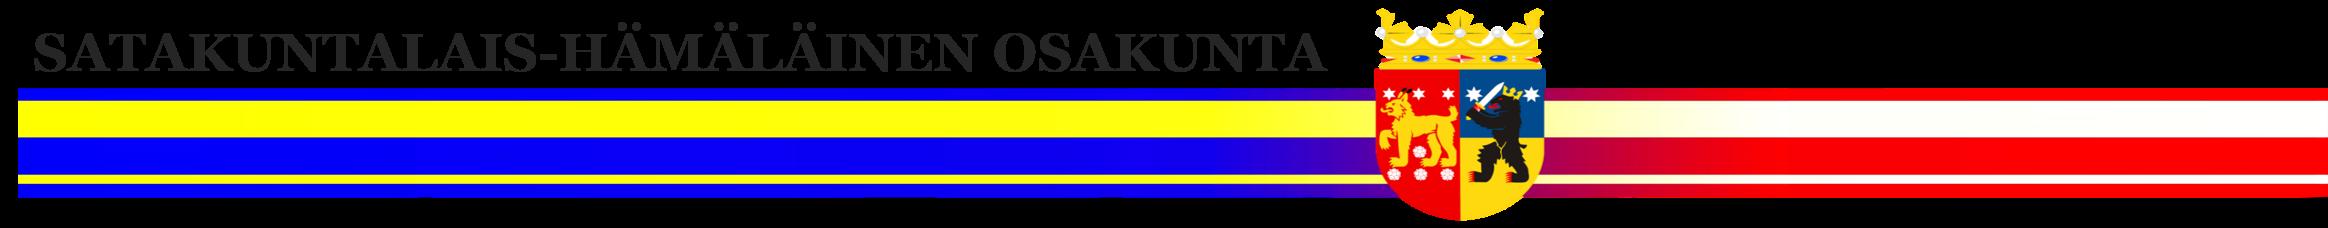 Turun yliopiston Satakuntalais-Hämäläinen Osakunta | Tule sellaiseksi kuin olet!